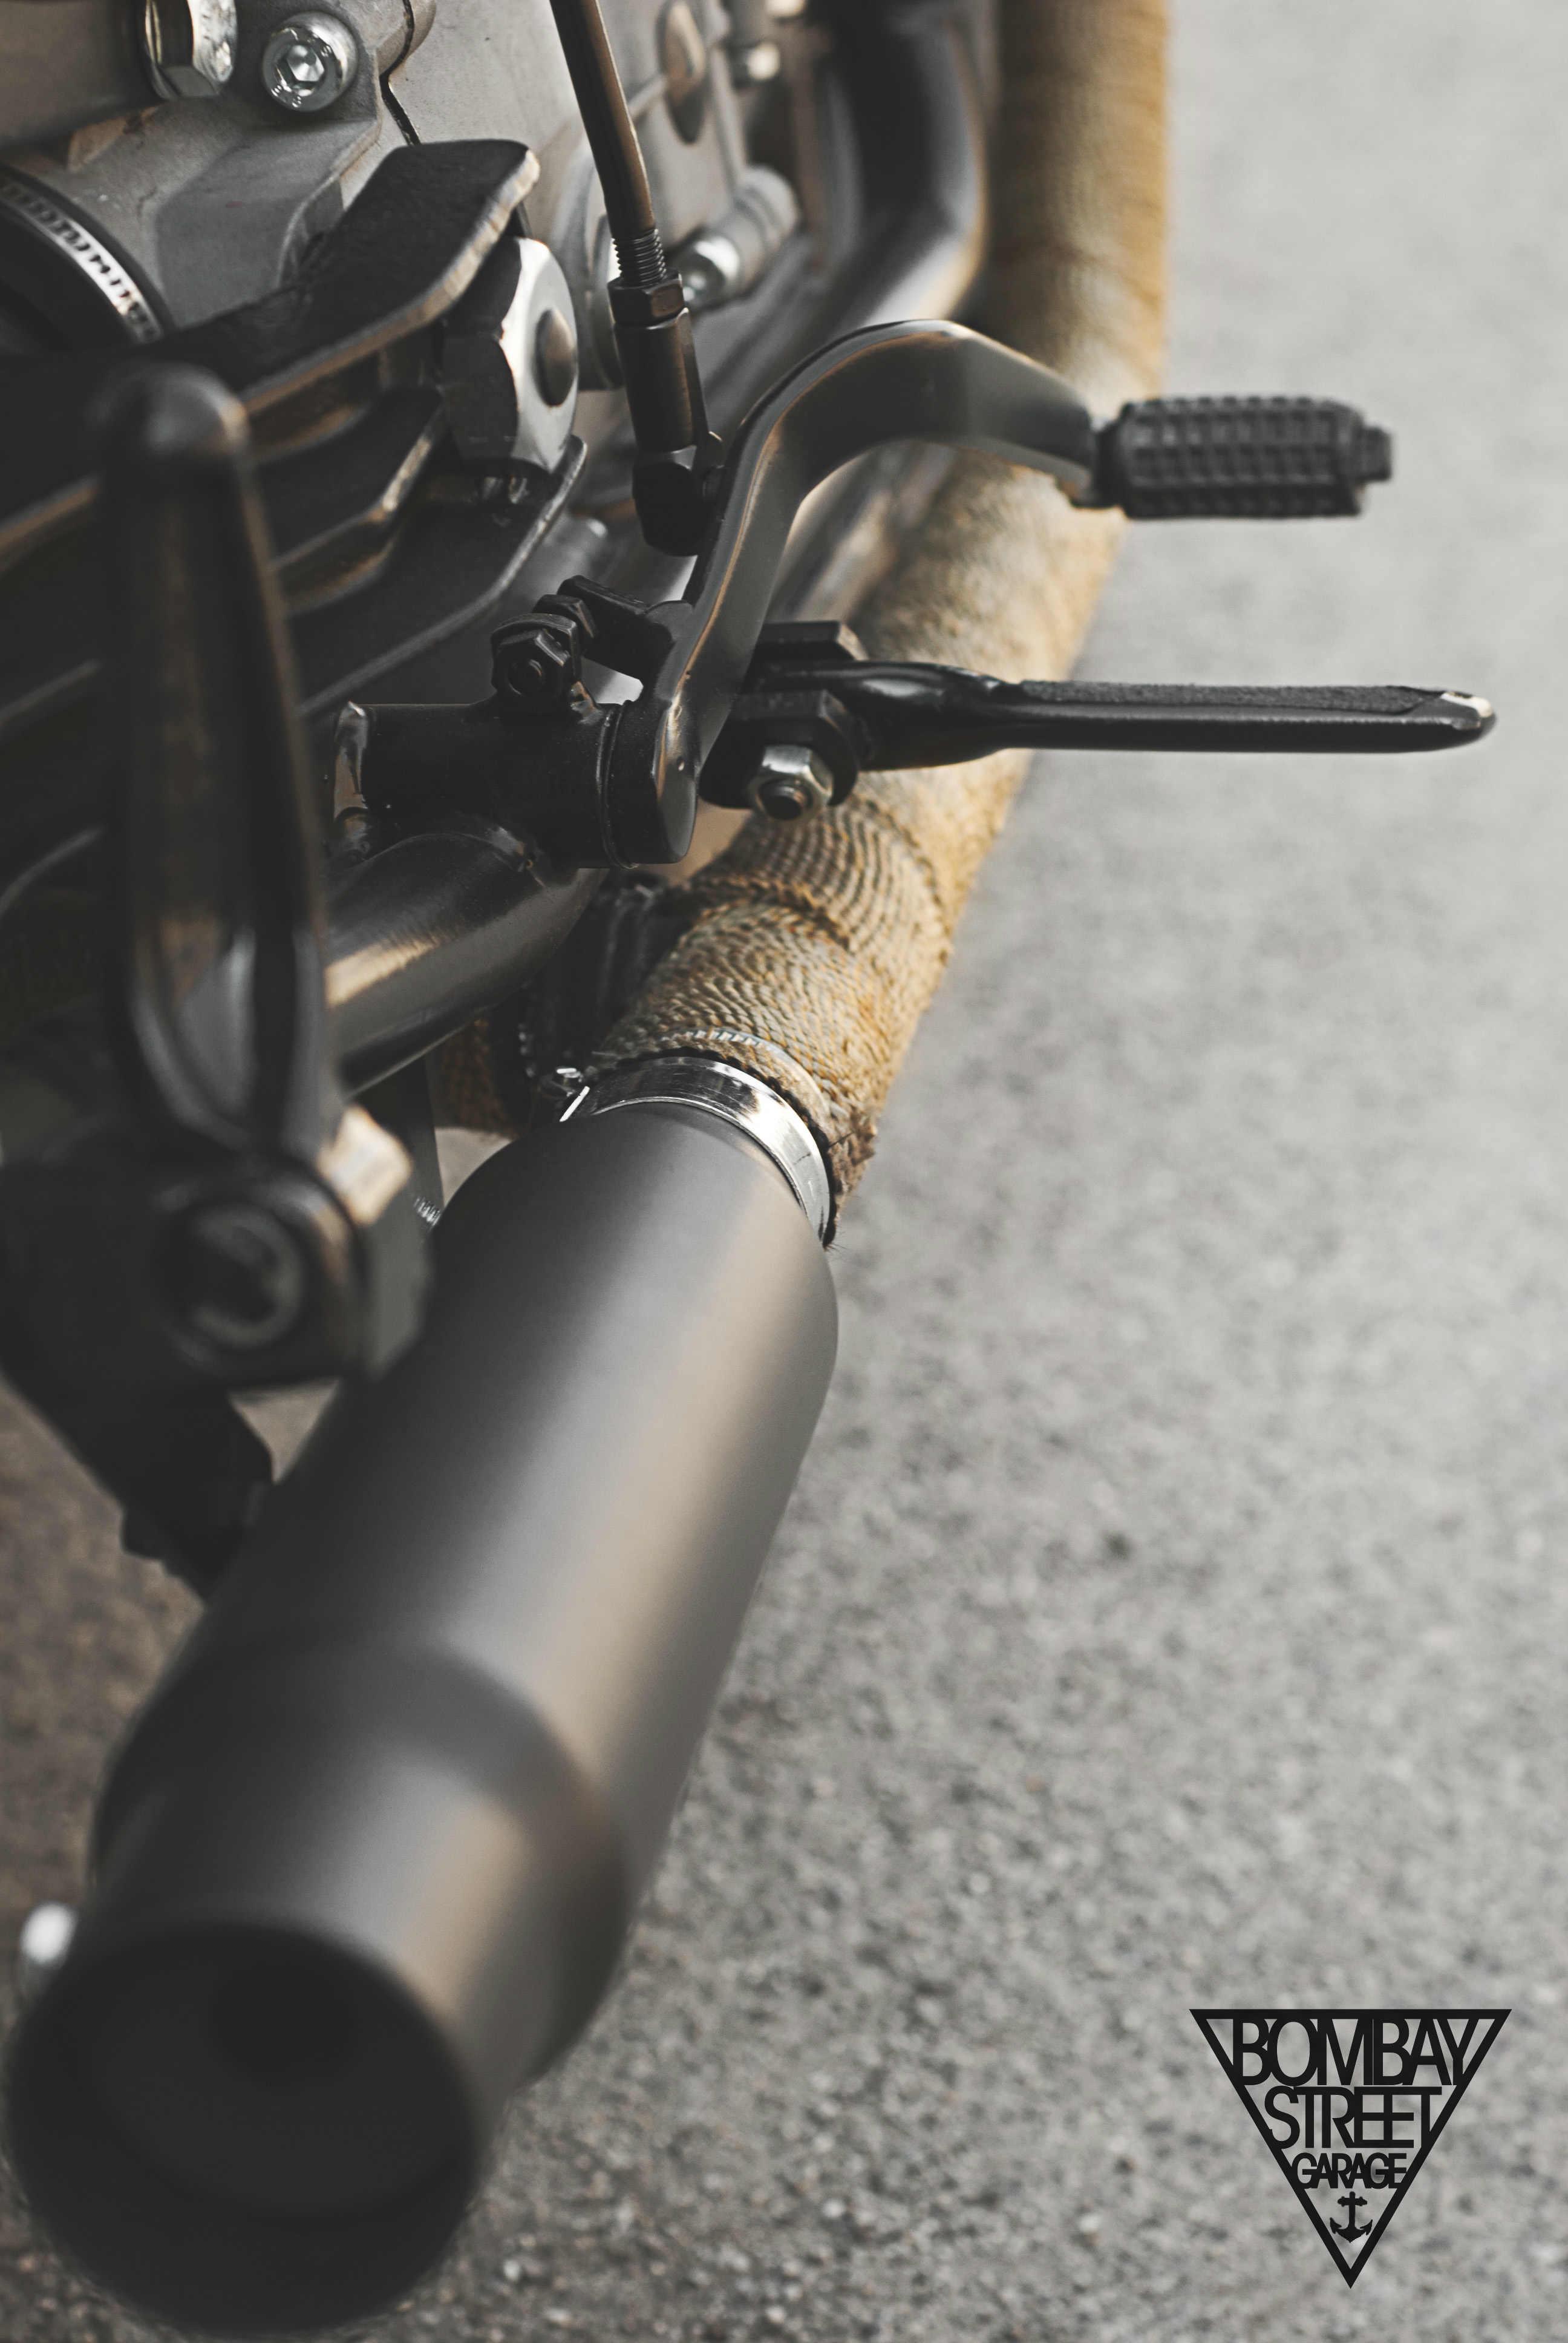 Moto Guzzi V35 Bombay Garage 4